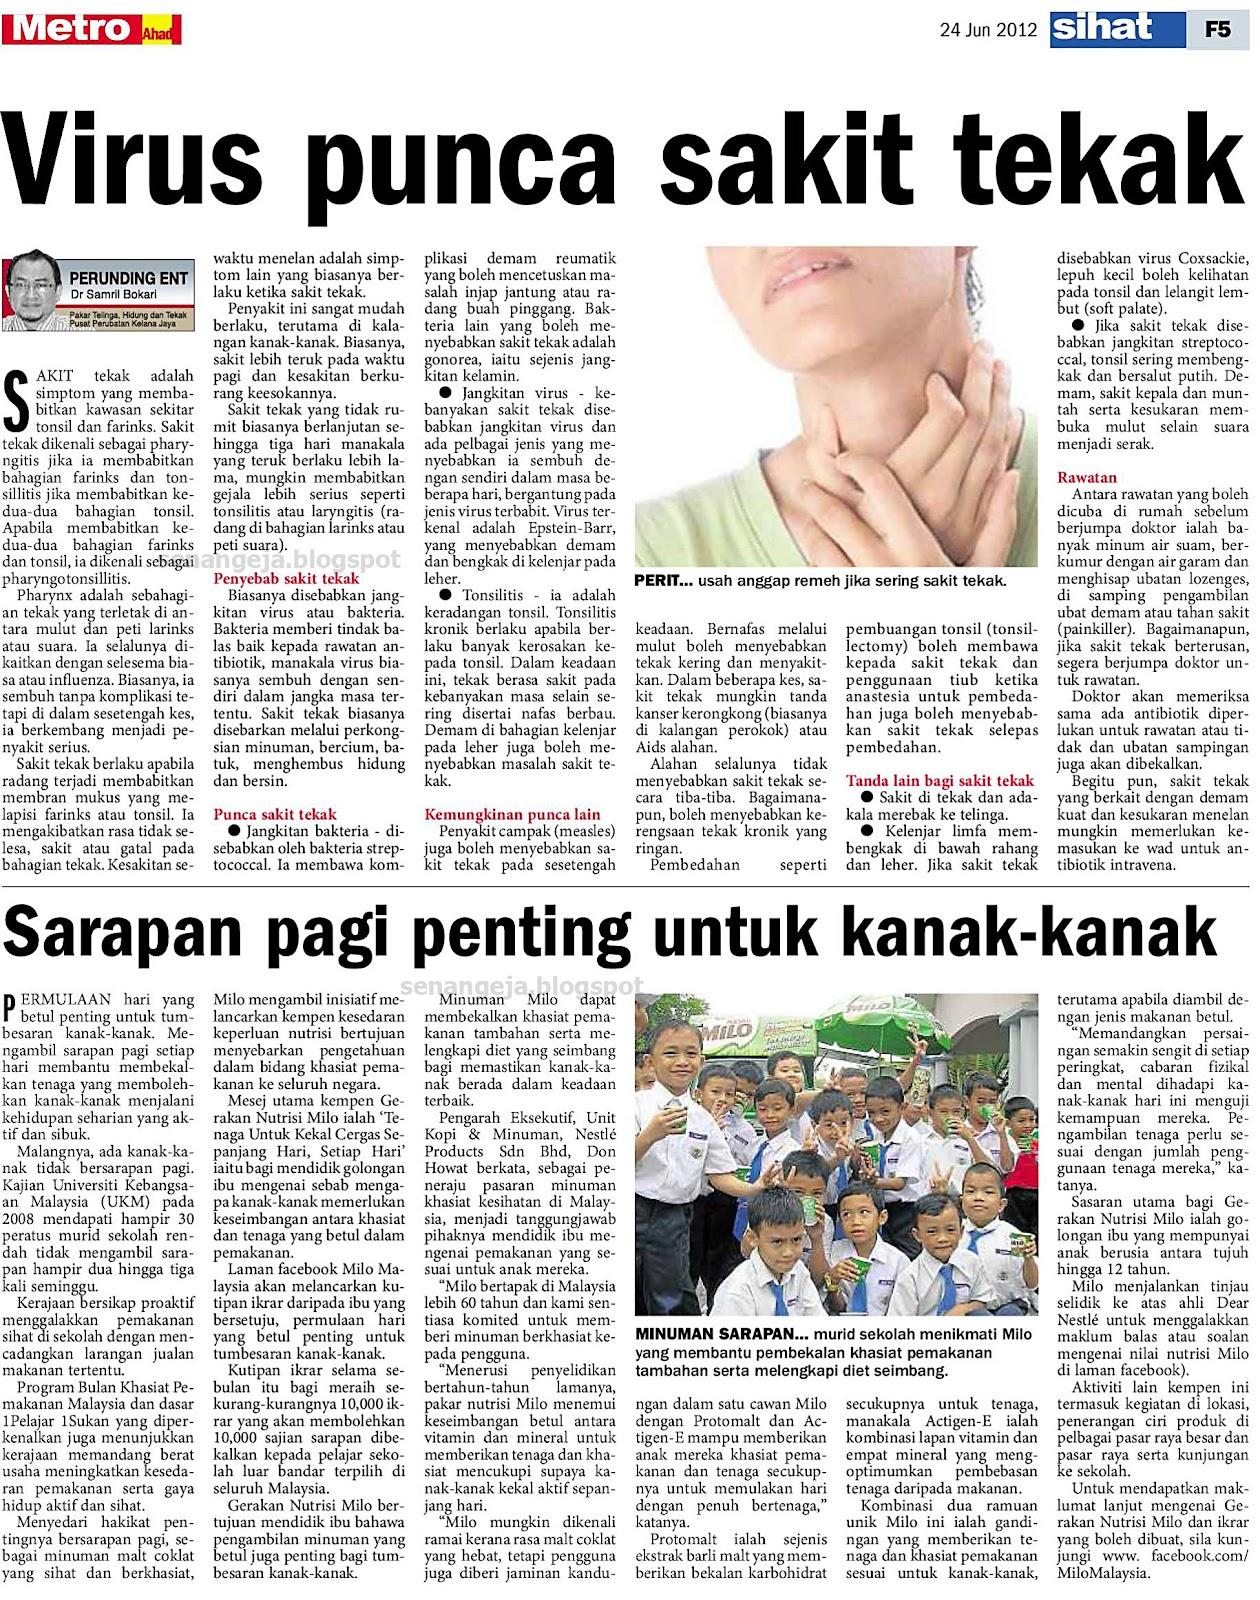 Virus punca sakit tekak